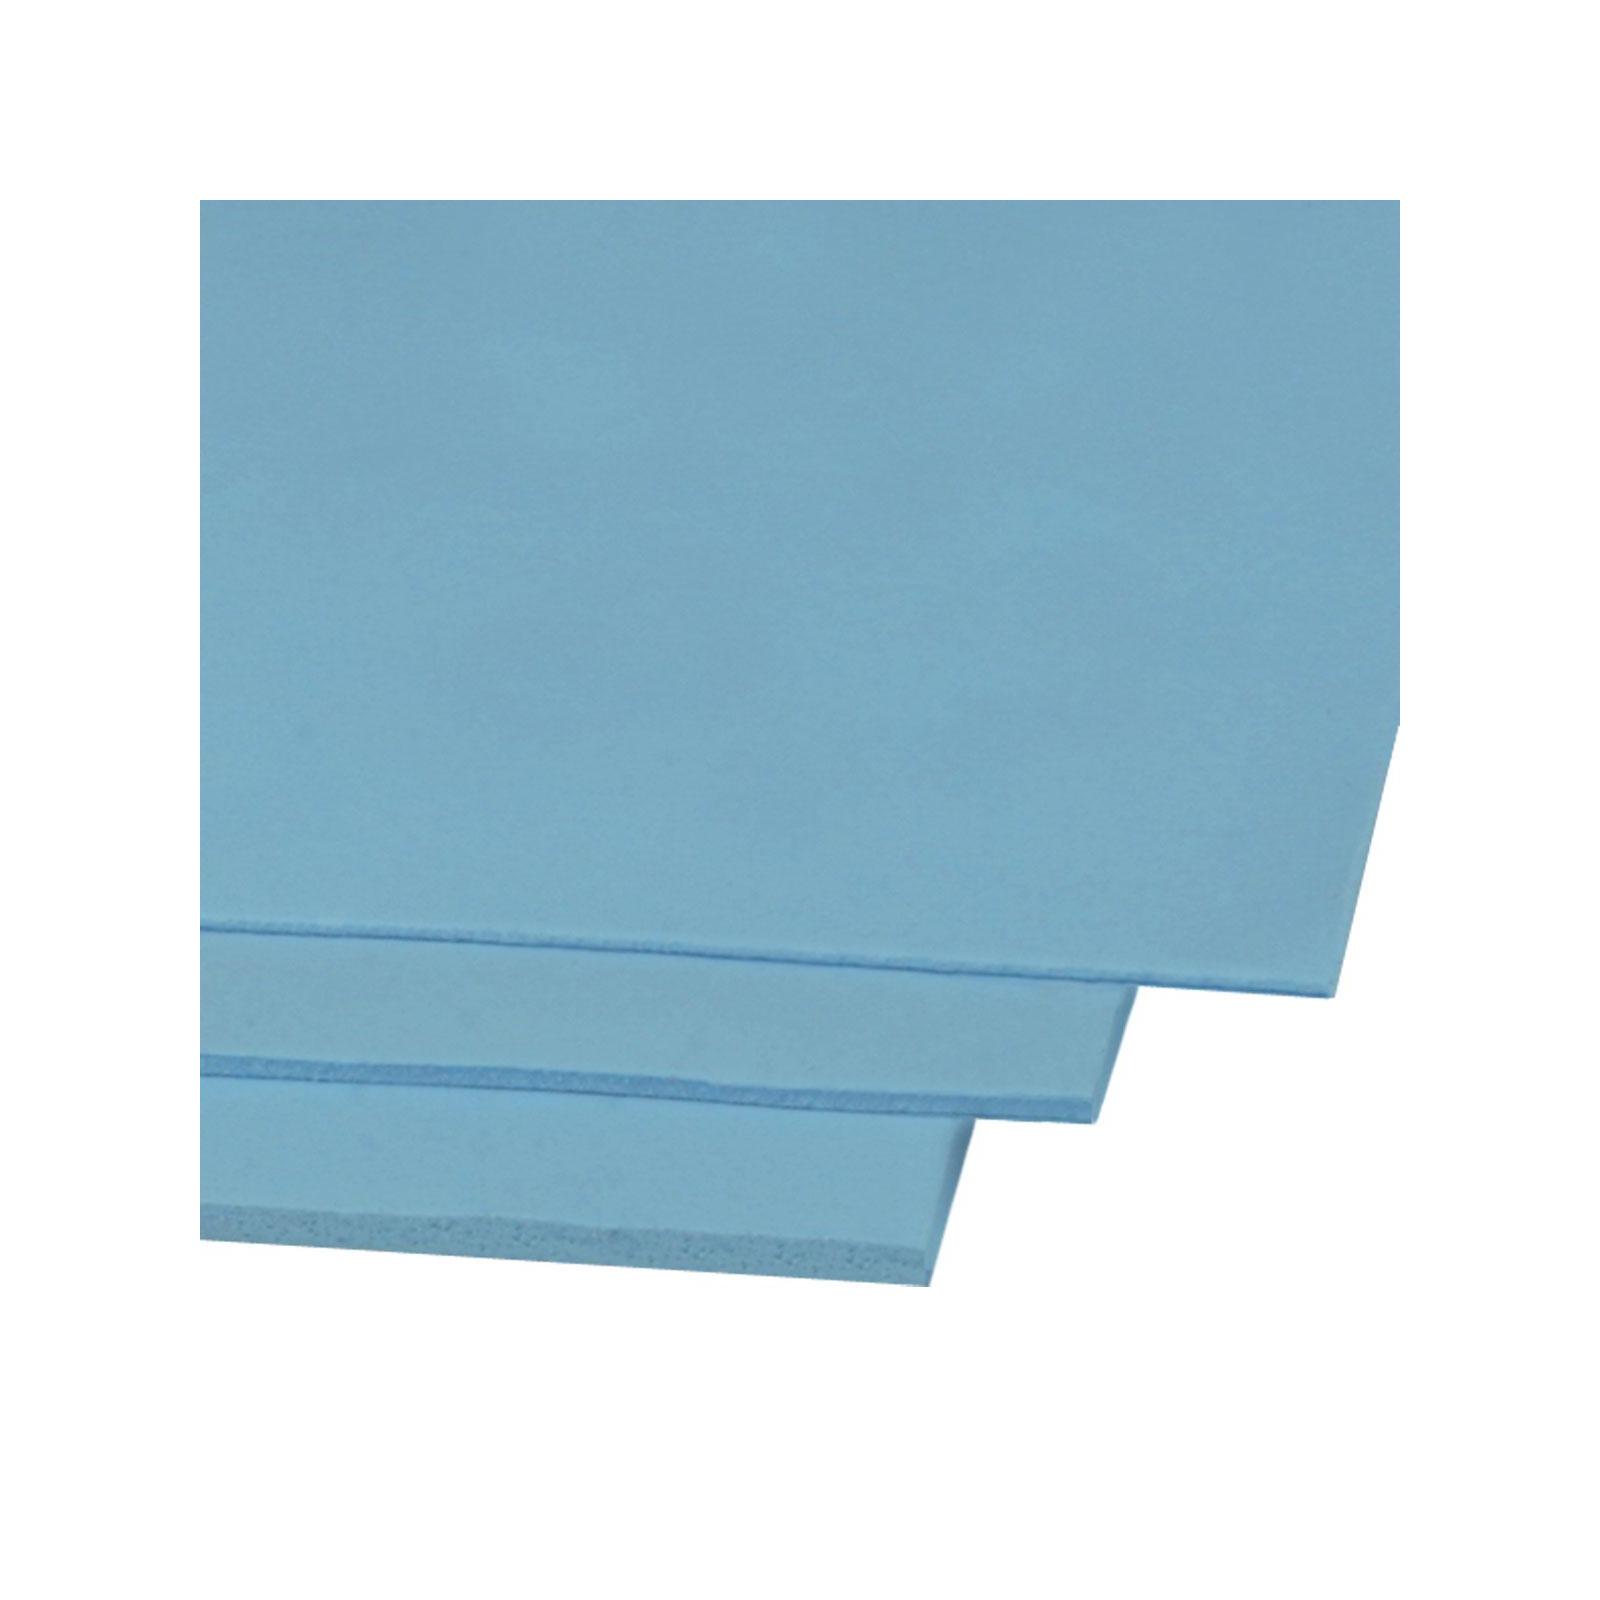 Термопрокладка Arctic cooler Thermal pad , 50*50mm (ACTPD00003A) изображение 2